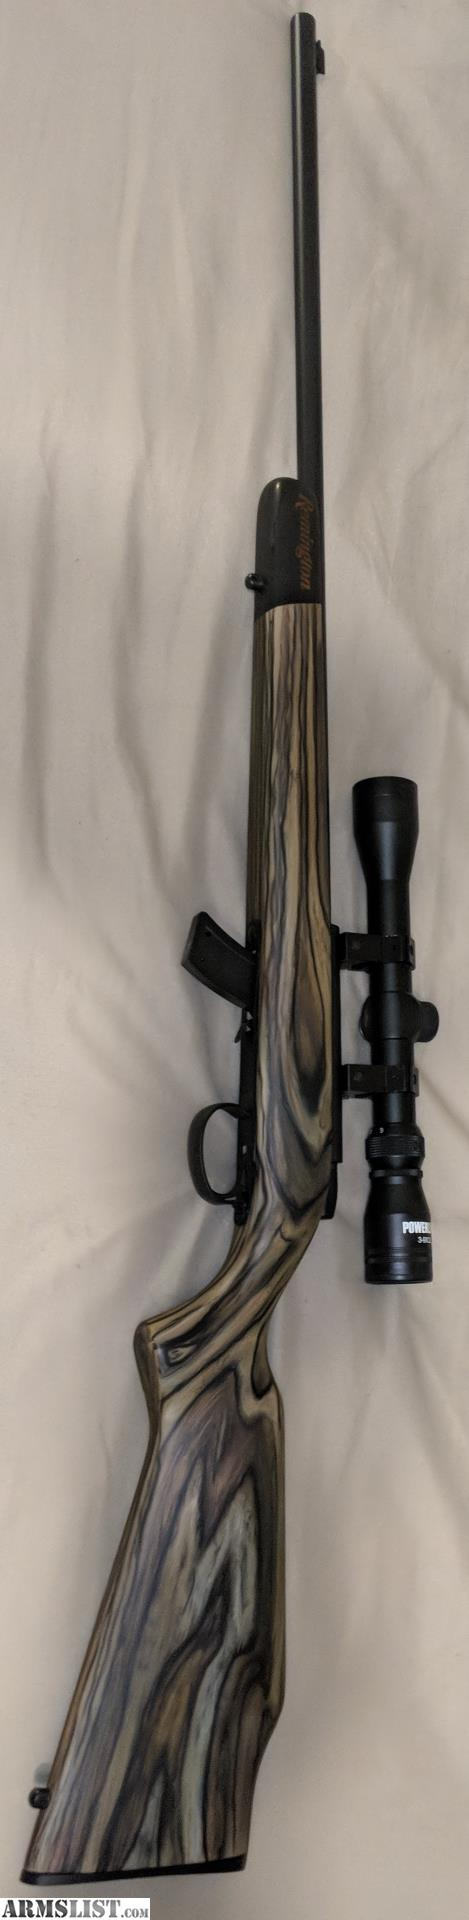 ARMSLIST - For Sale: Remington 581